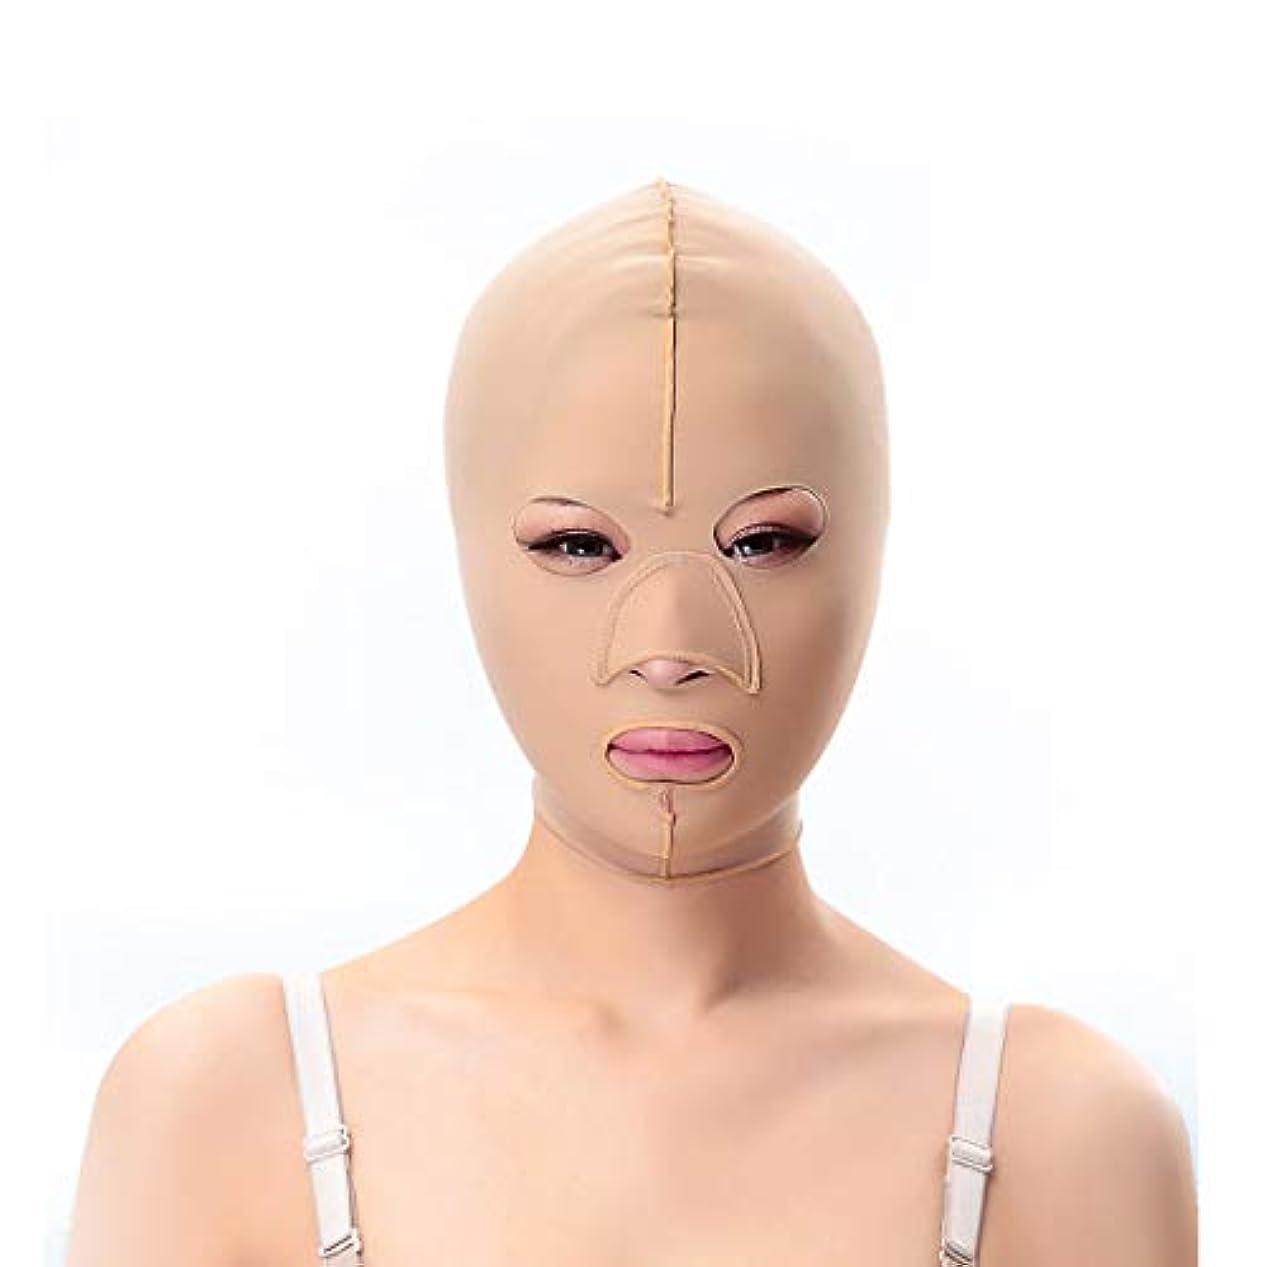 差別化する有能な薄暗い痩身ベルト、フェイシャルマスク薄いフェイスマスクを脇に持ち上げる二重あご引き締め顔面プラスチックフェイスアーティファクト強力なフェイス包帯 (Size : S)